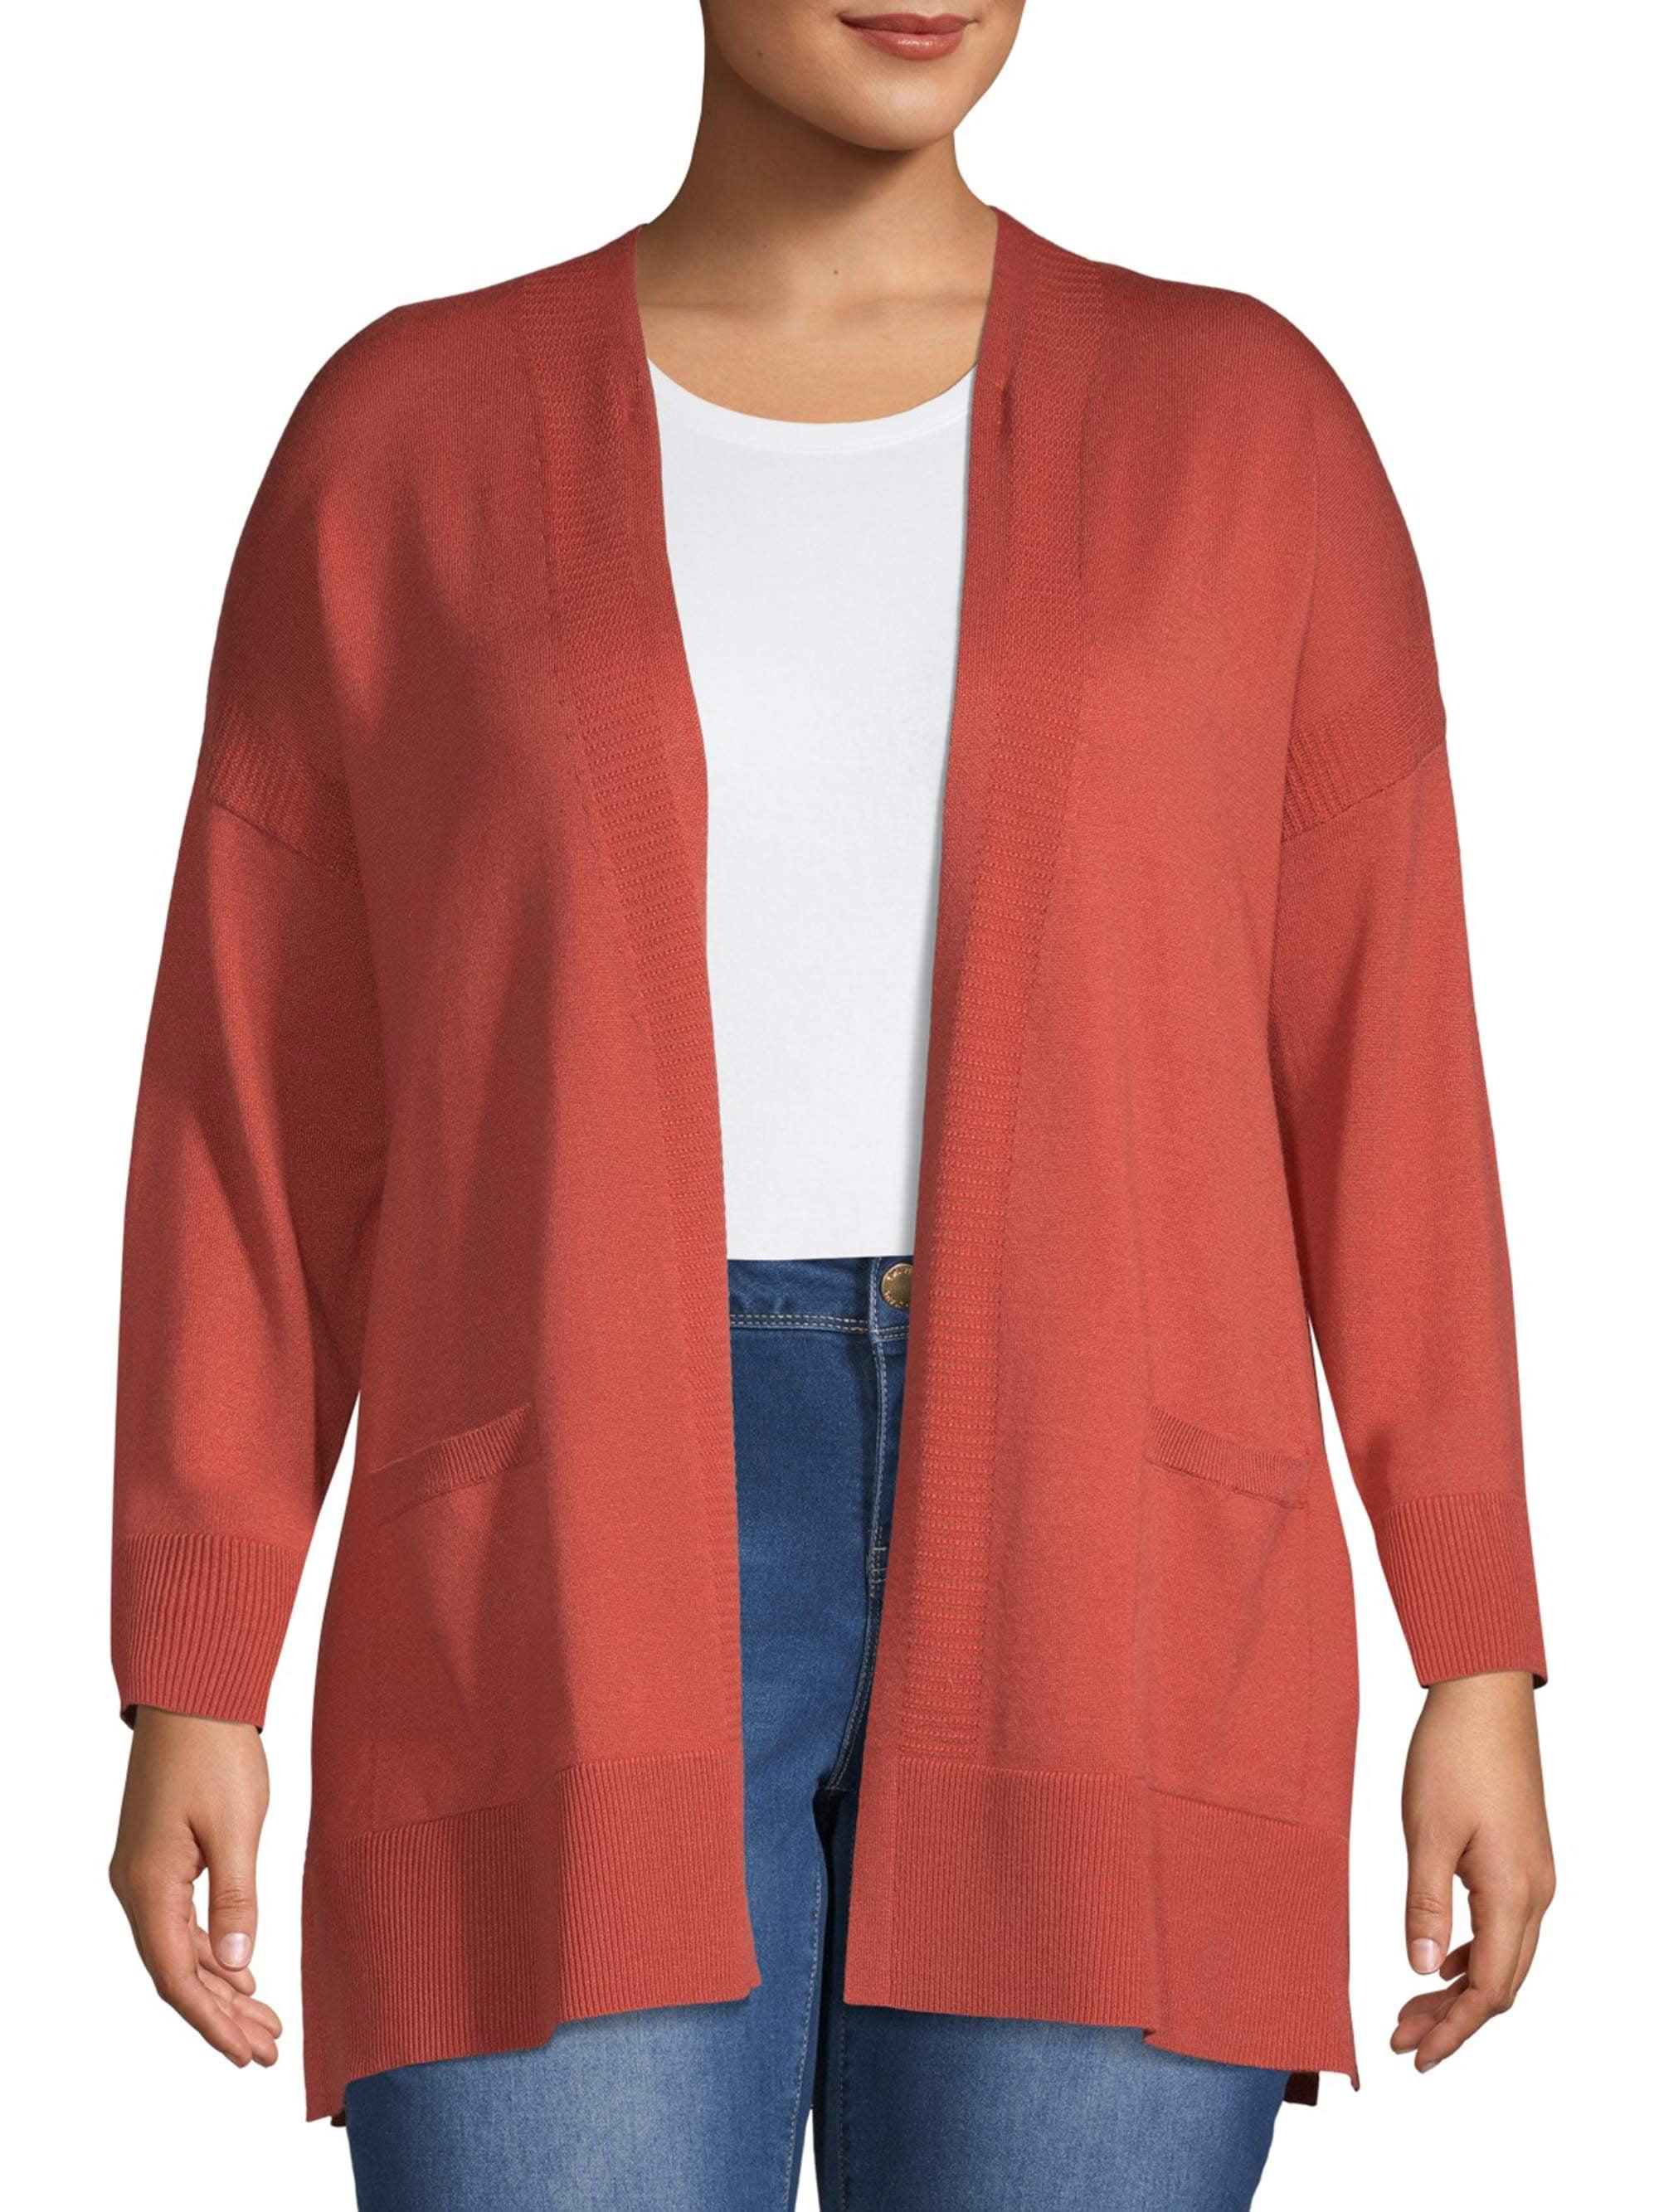 Terra /& Sky Womens Plus Size Winter Knit Hooded Cardigan